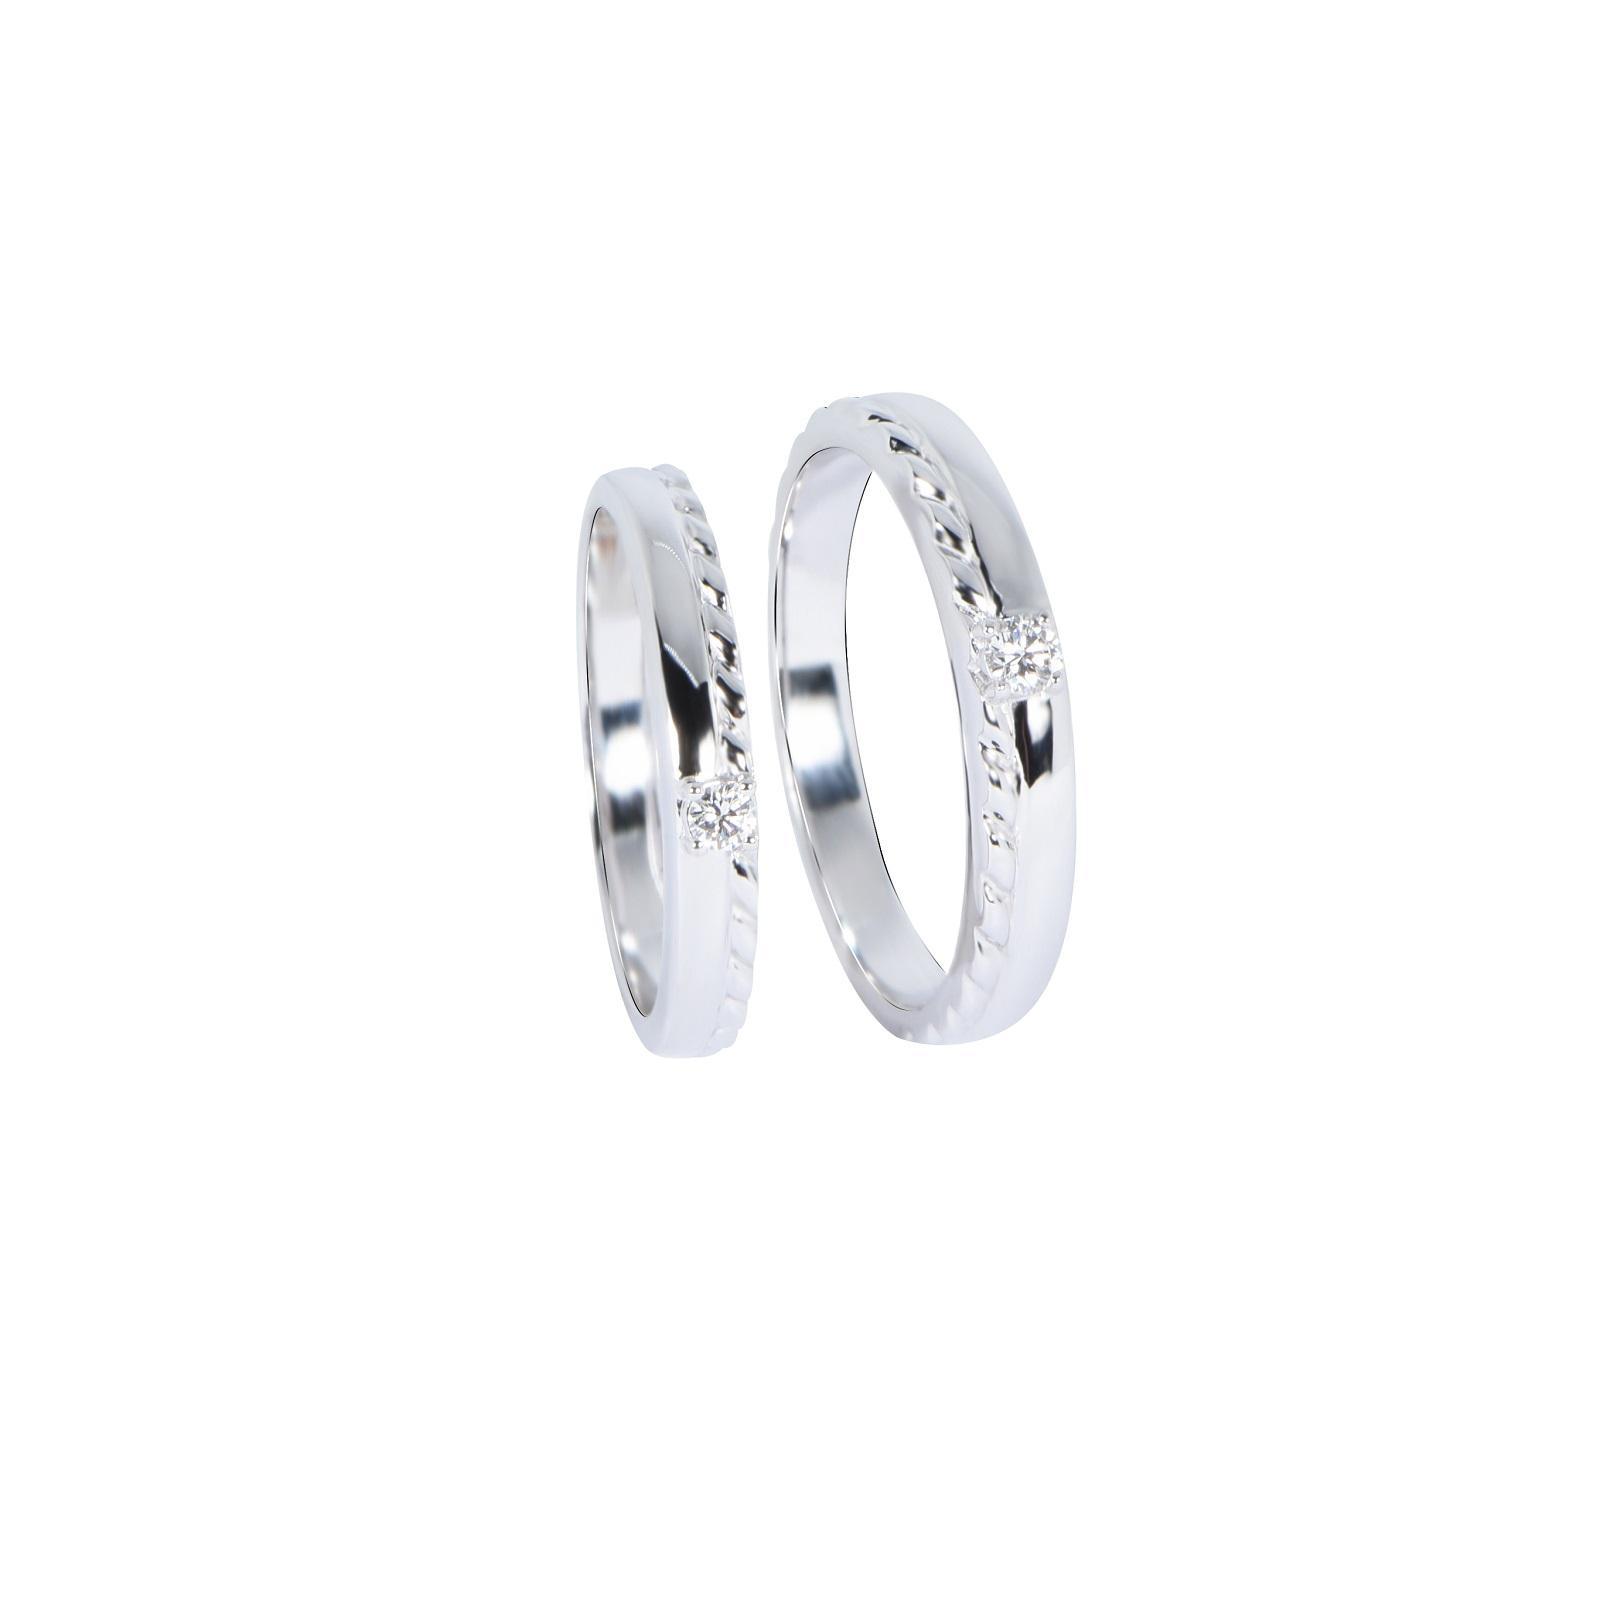 Nhẫn cưới Kim cương nữ 20QR008.2TI